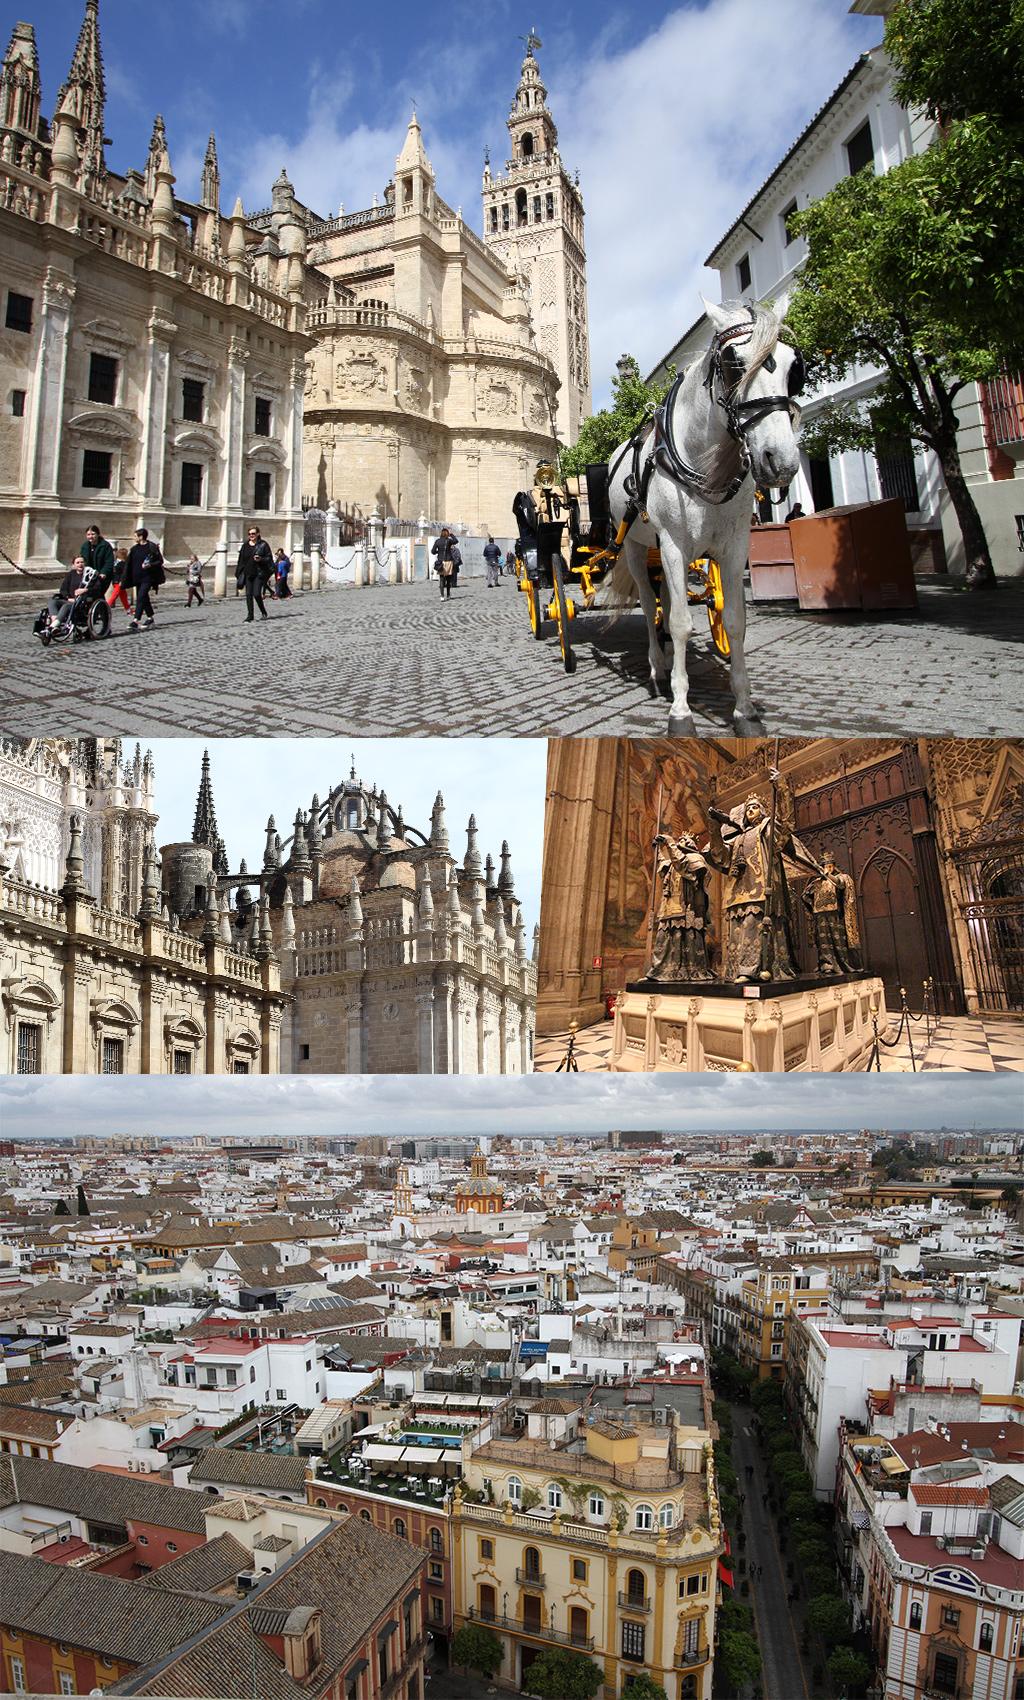 gratis zien en doen in Sevilla - kathedraal